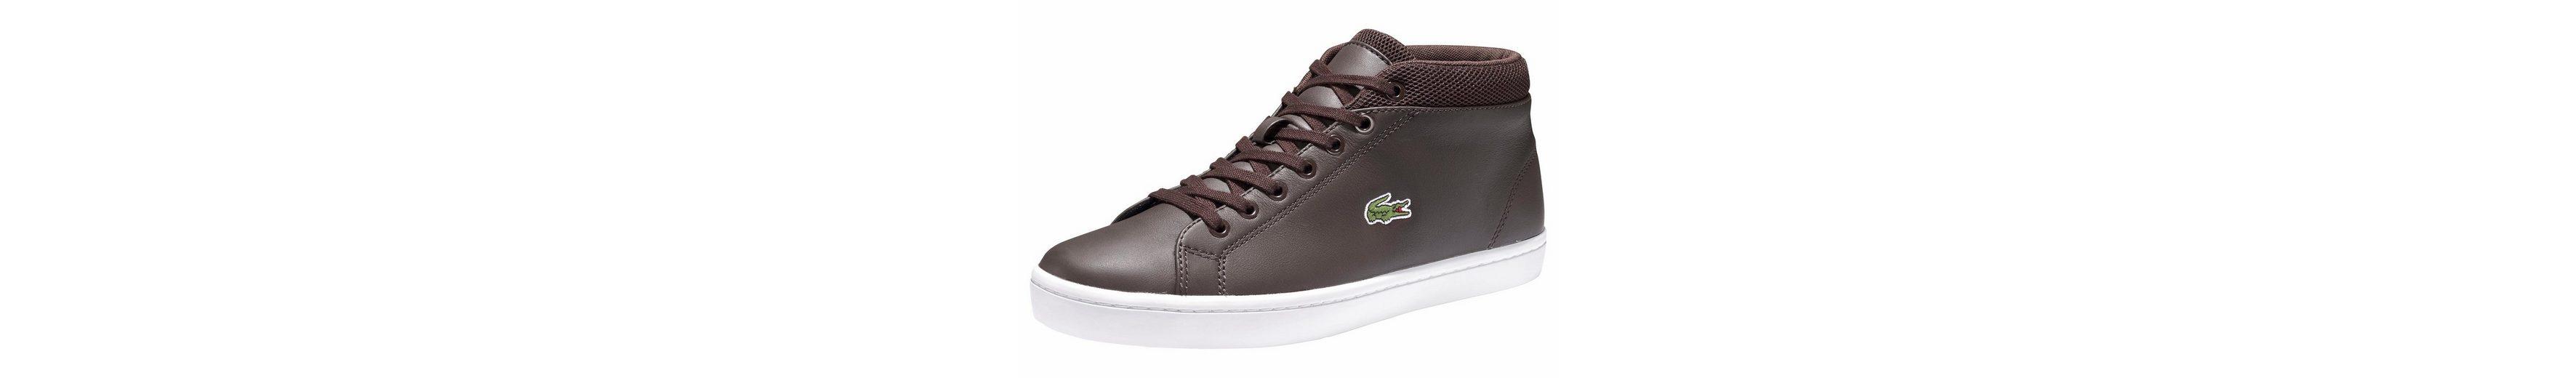 Lacoste Straightset SP Chukka Sneaker Auslass Wirklich Günstige Manchester-Großer Verkauf OYfx5w2Ht